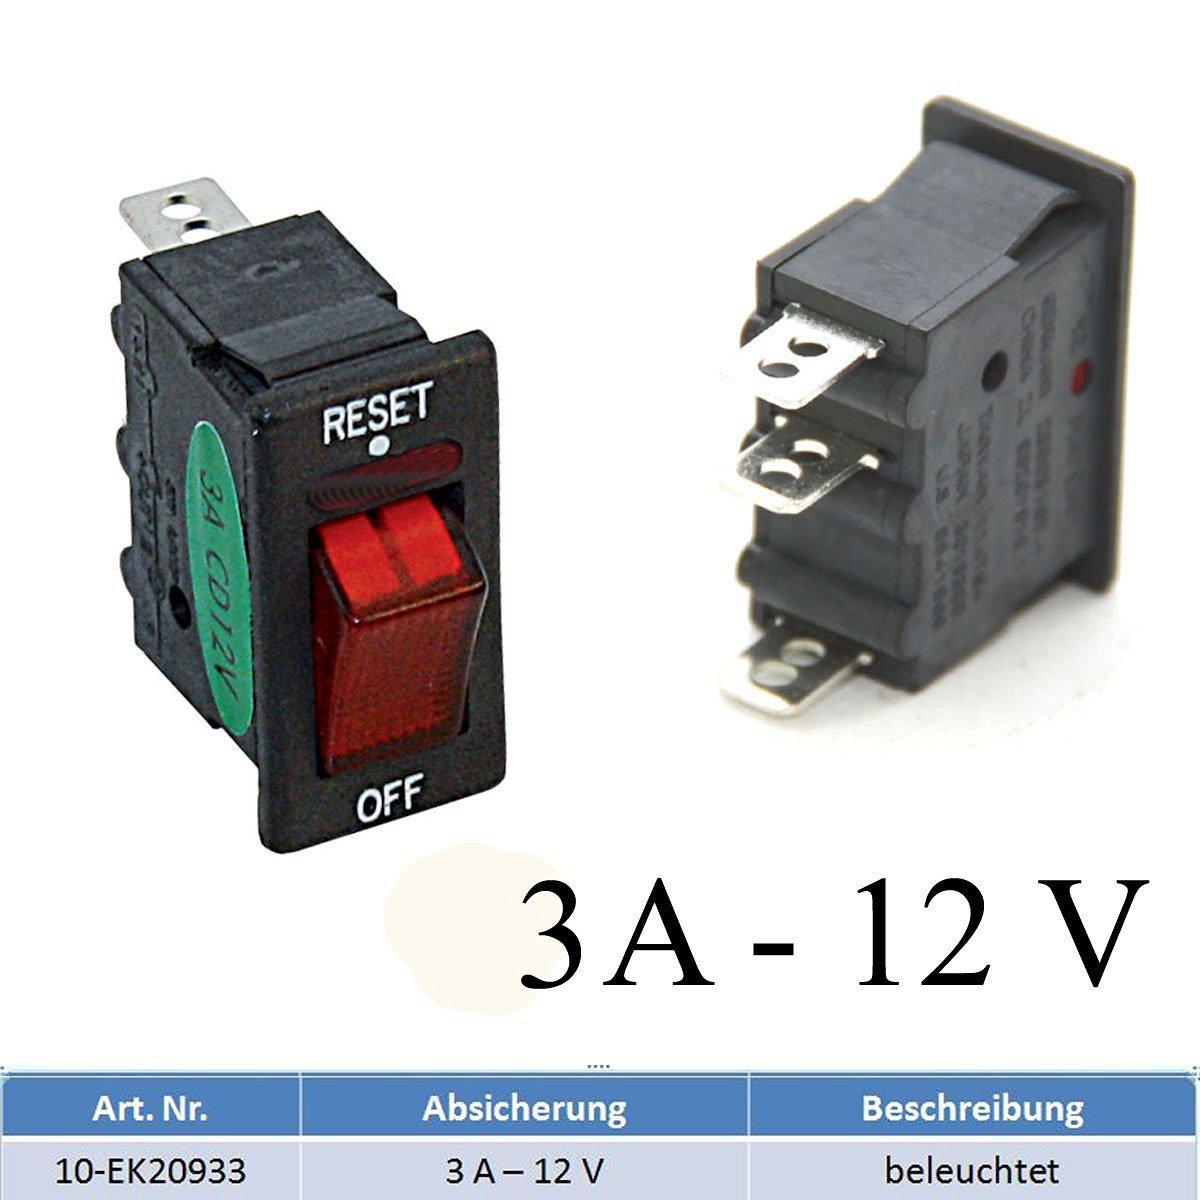 Sicherungsautomat Schutzschalter 12 Volt / 3 Ampere mit Beleuchtung bootsshop in Bad Ischl